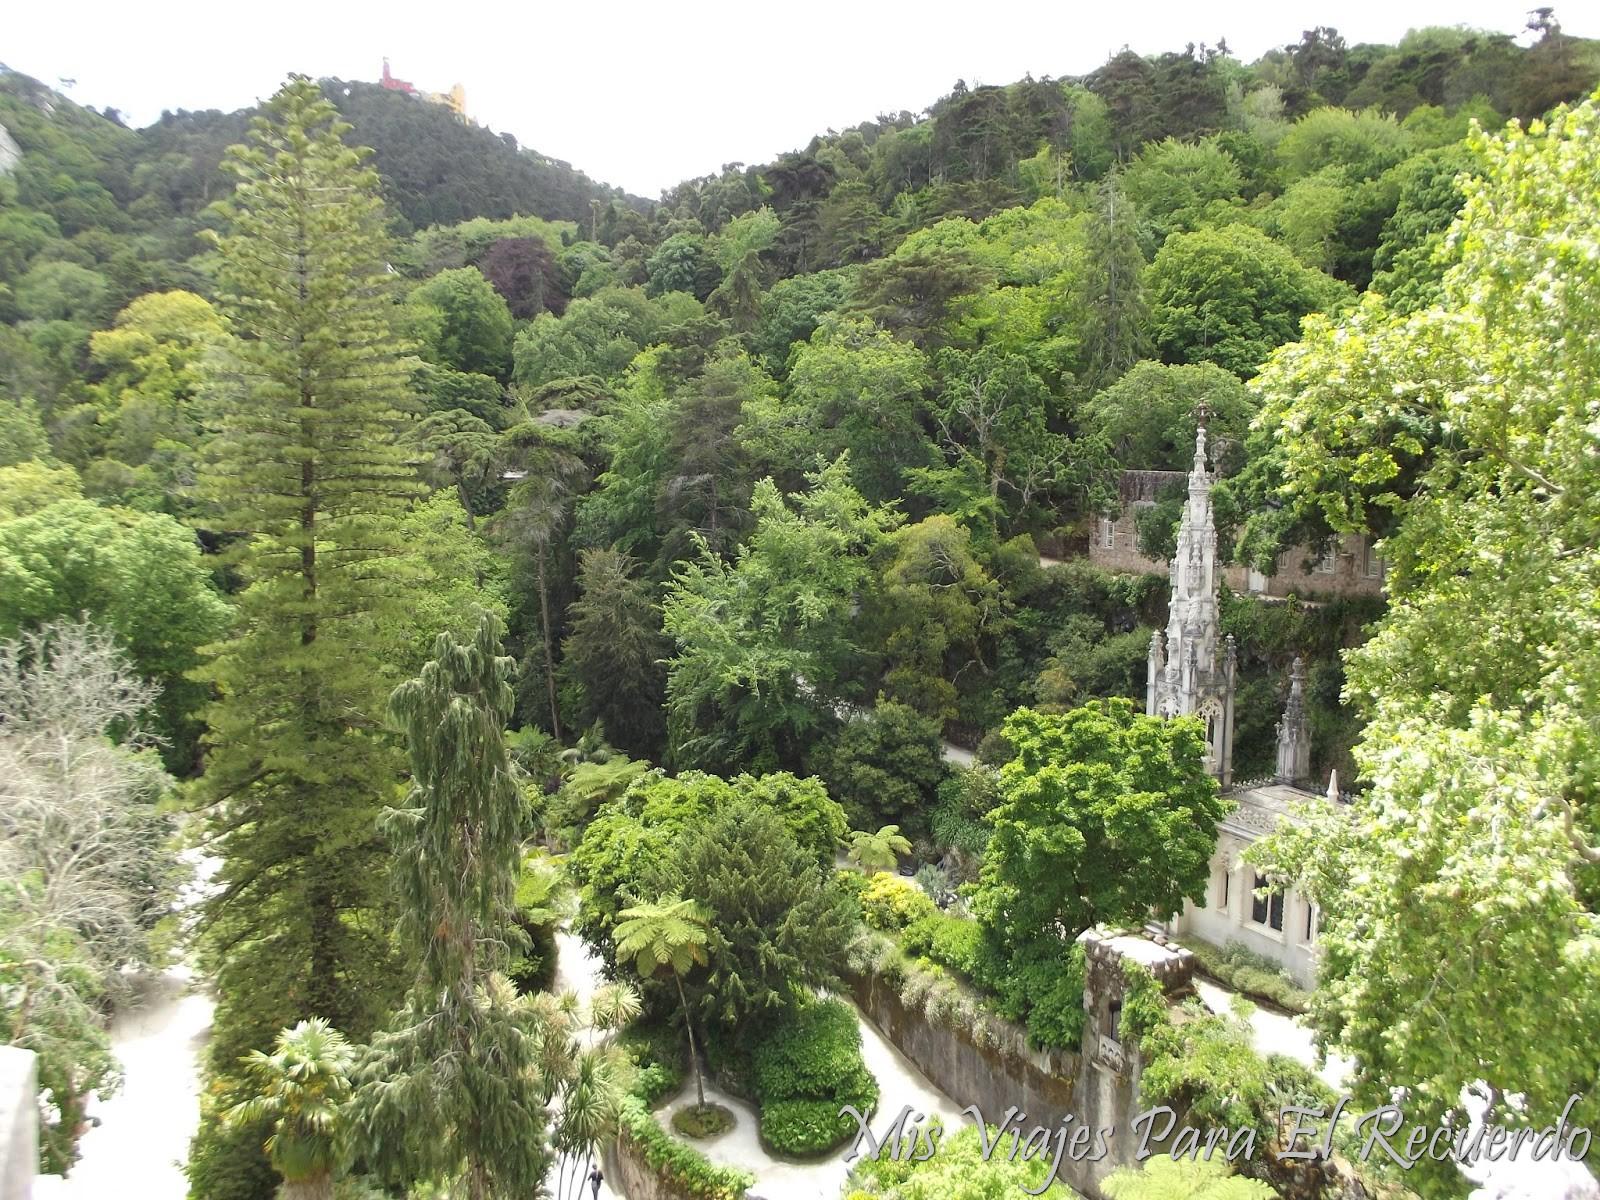 Mis viajes para el recuerdo sintra for Jardines quinta da regaleira